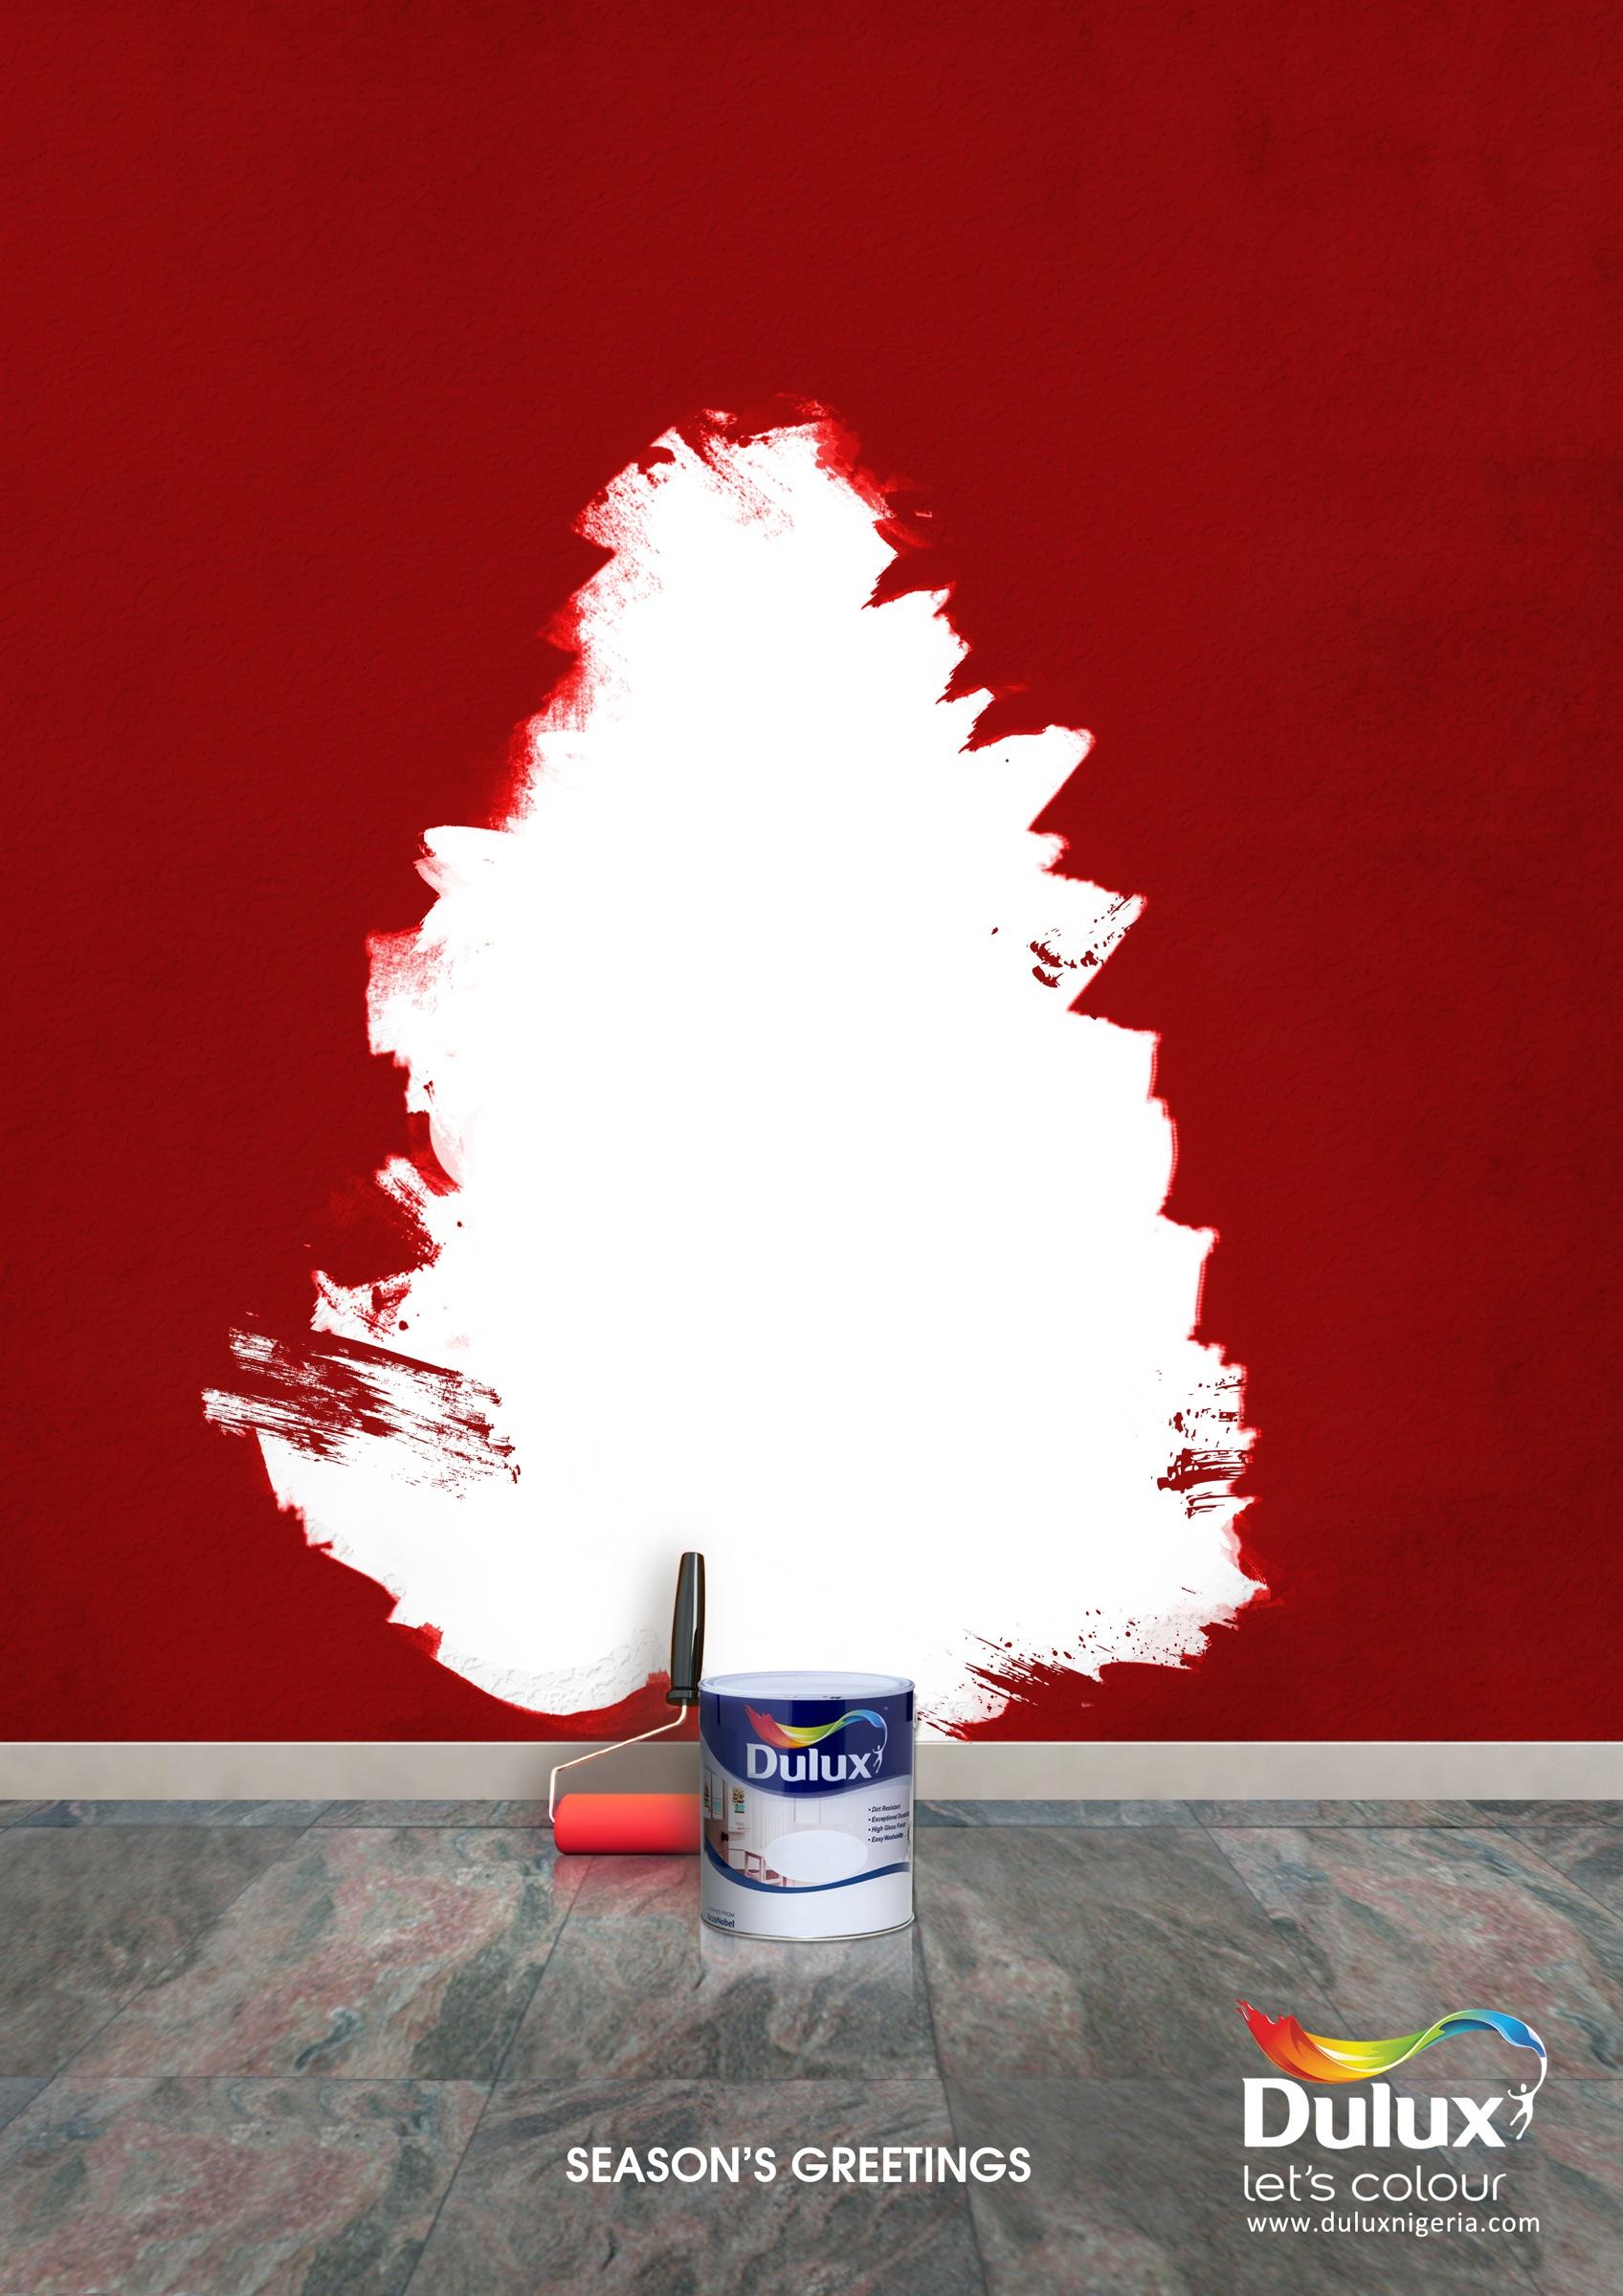 Dulux print advert by noahs ark creative seasons greetings ads seasons greetings m4hsunfo